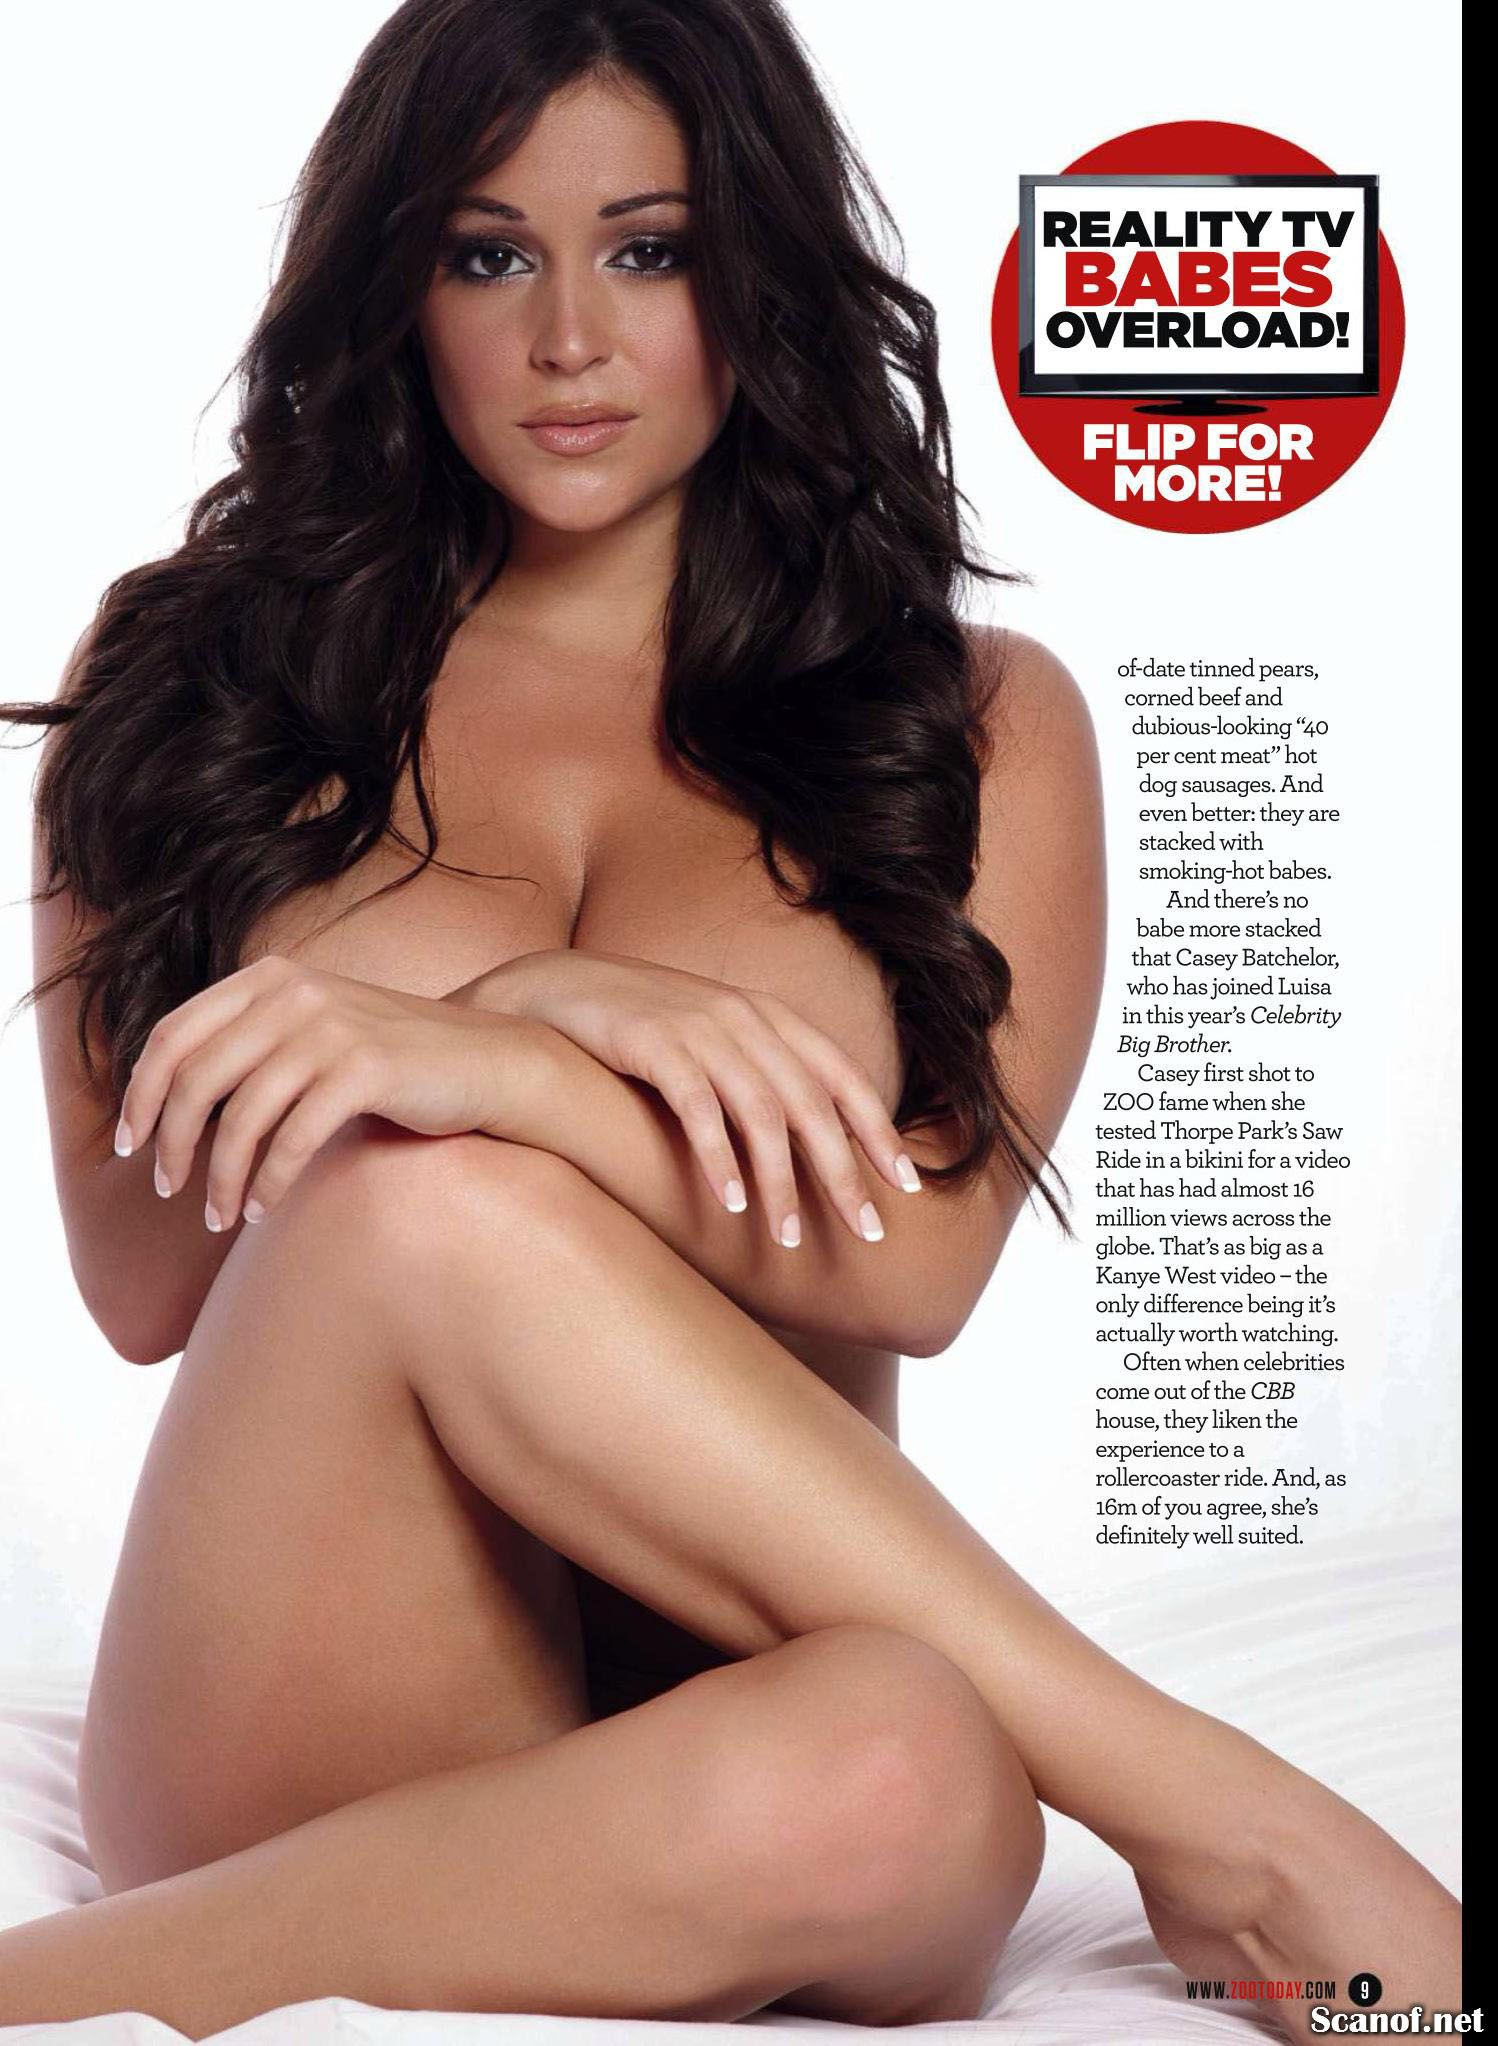 Casey batchelor sexy naked (25 photo), Sexy Celebrity photo